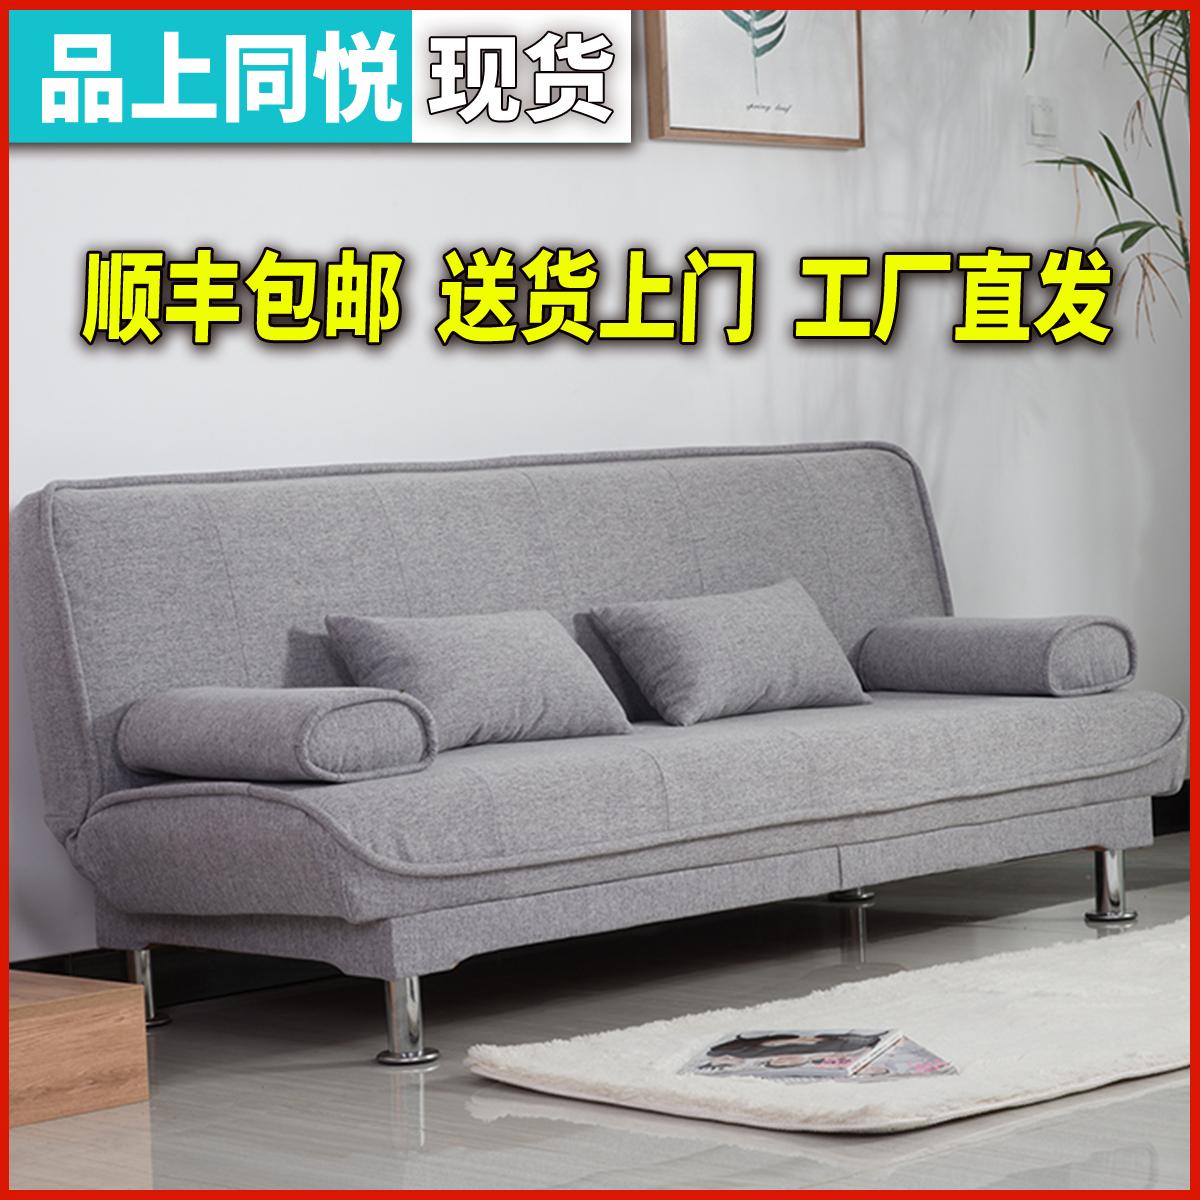 多功能布艺沙发家具